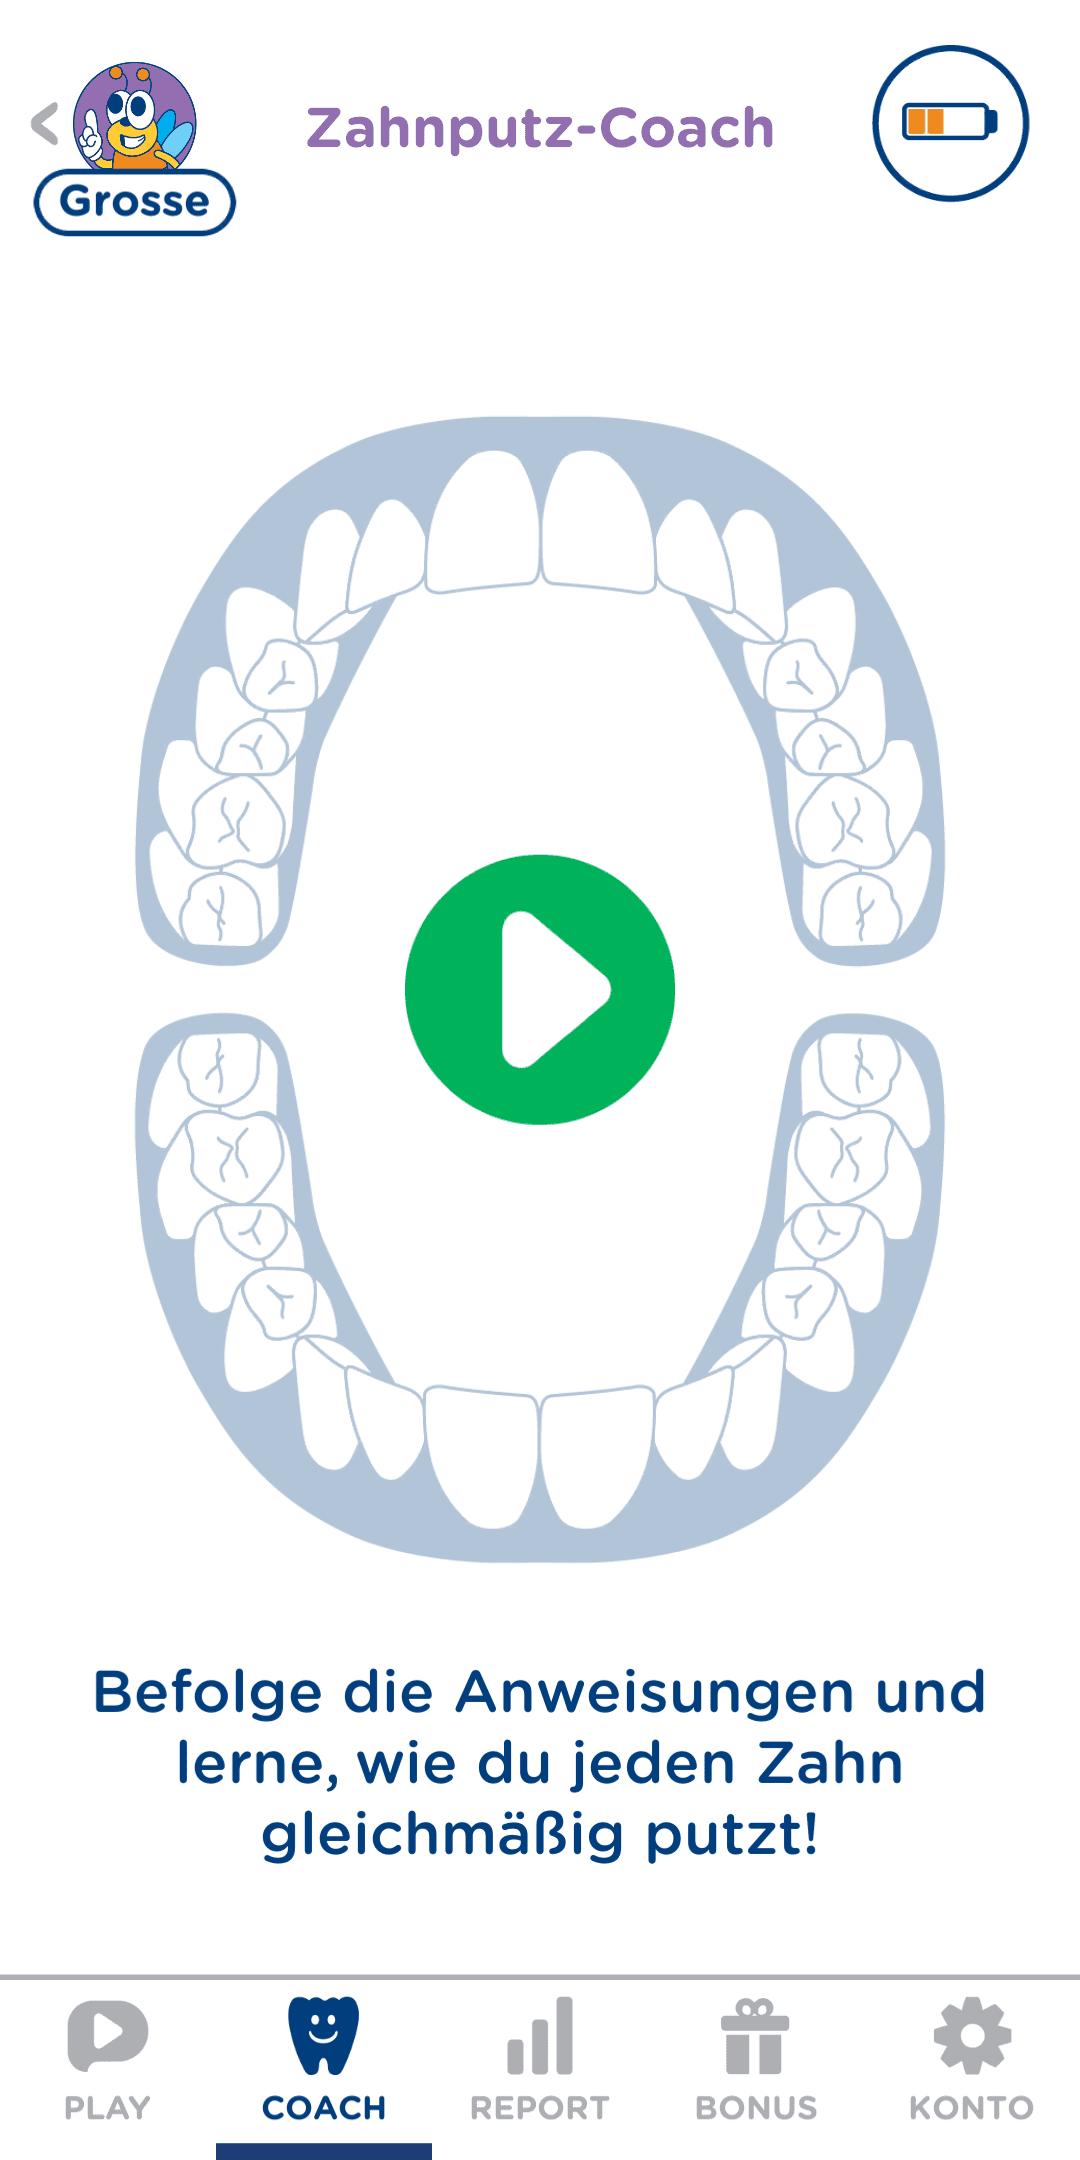 Playbrush, Zähne putzen, Spiele App, Signal, elektrische Zahnbürste